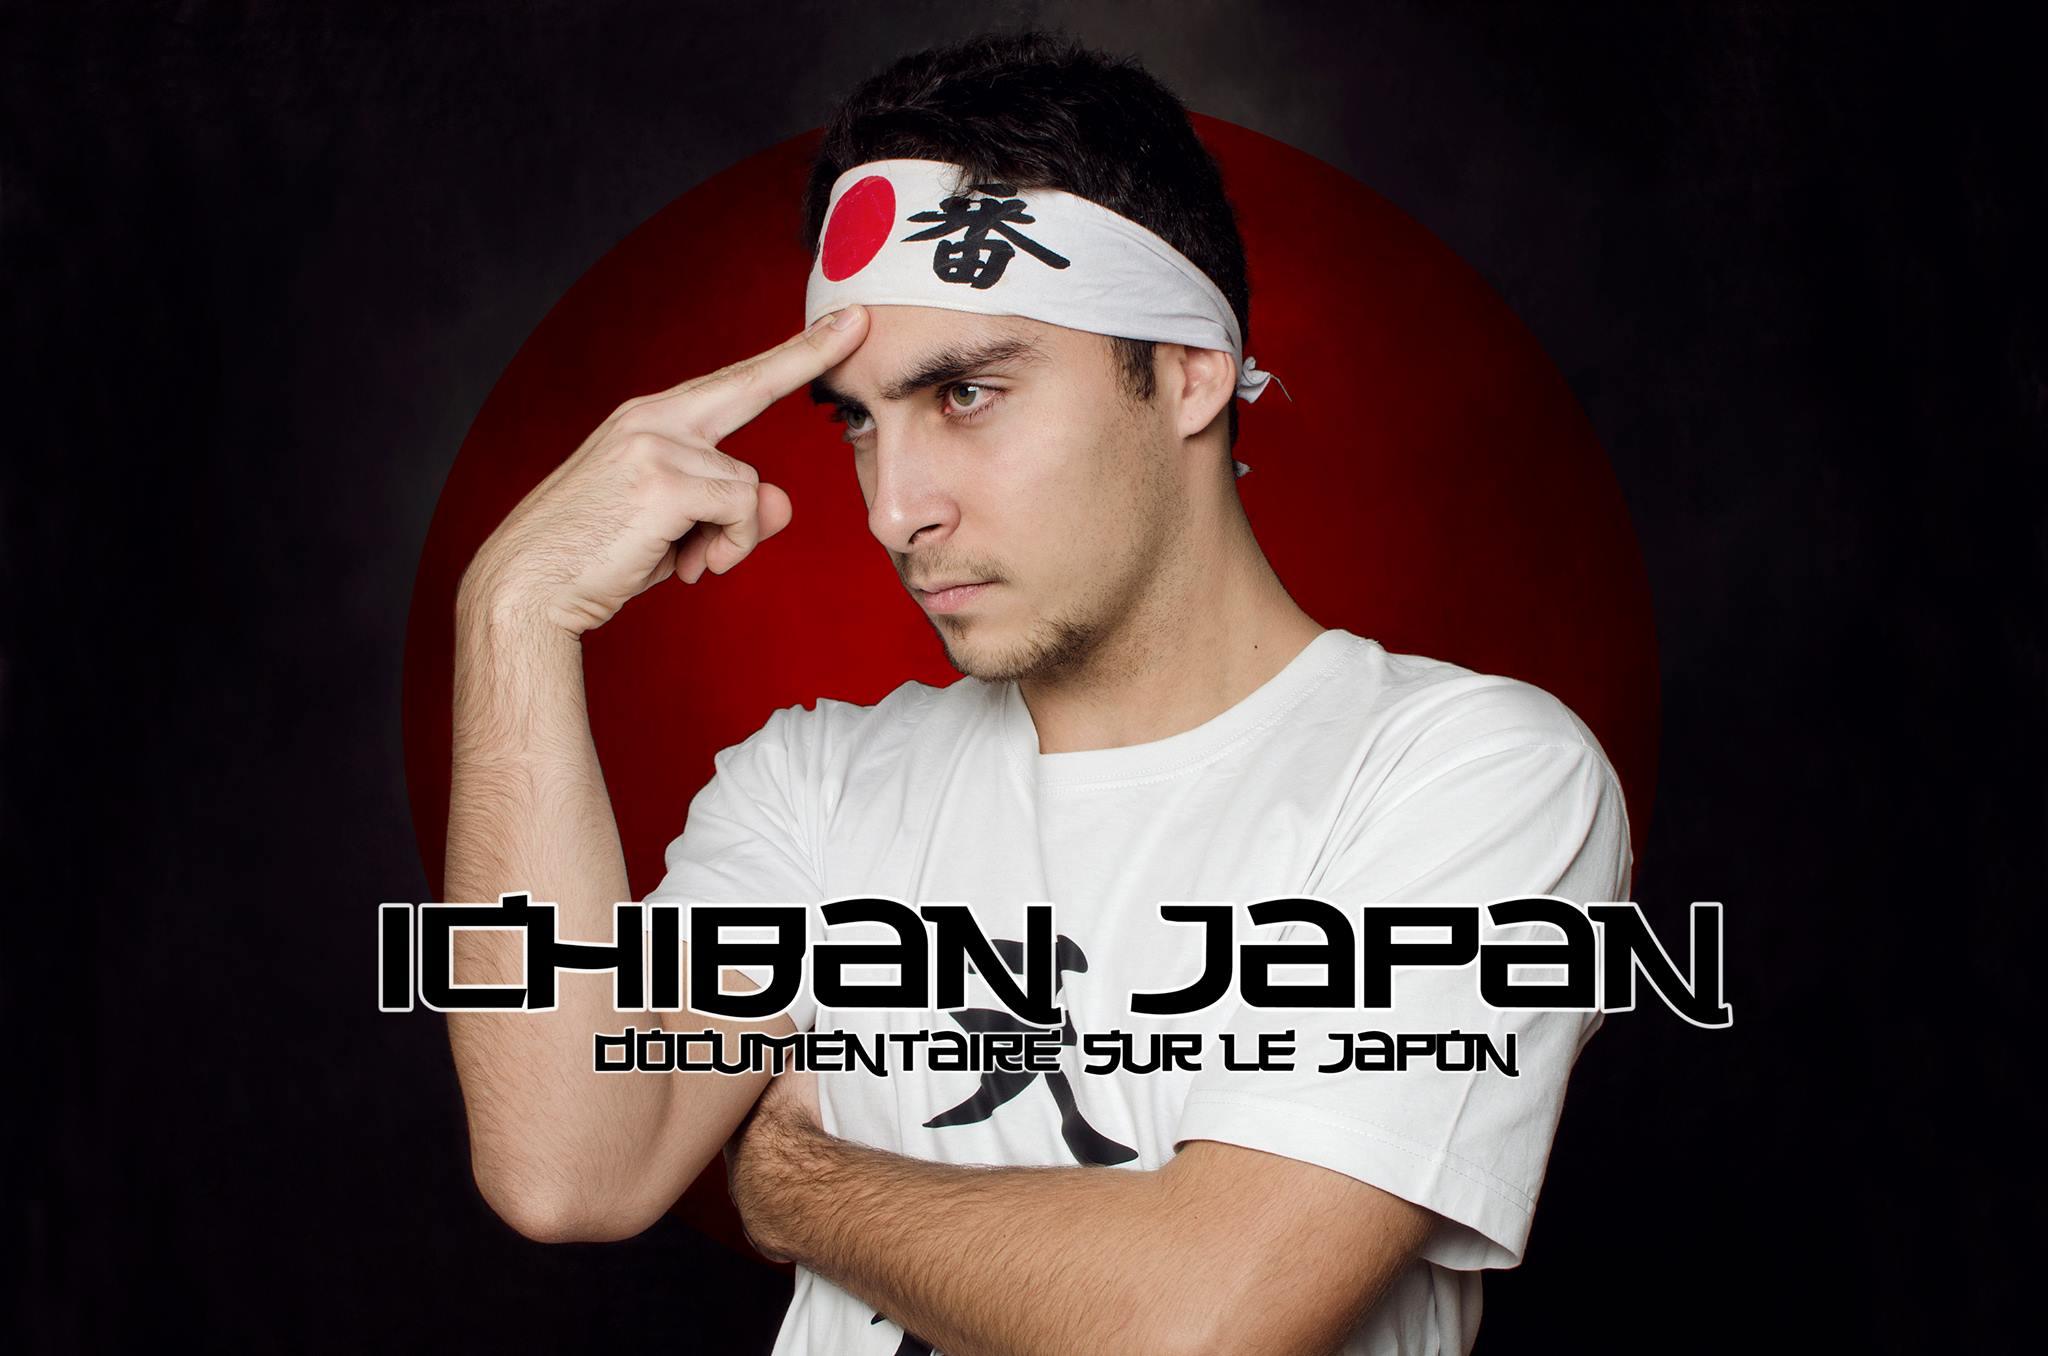 Ichiban Japan